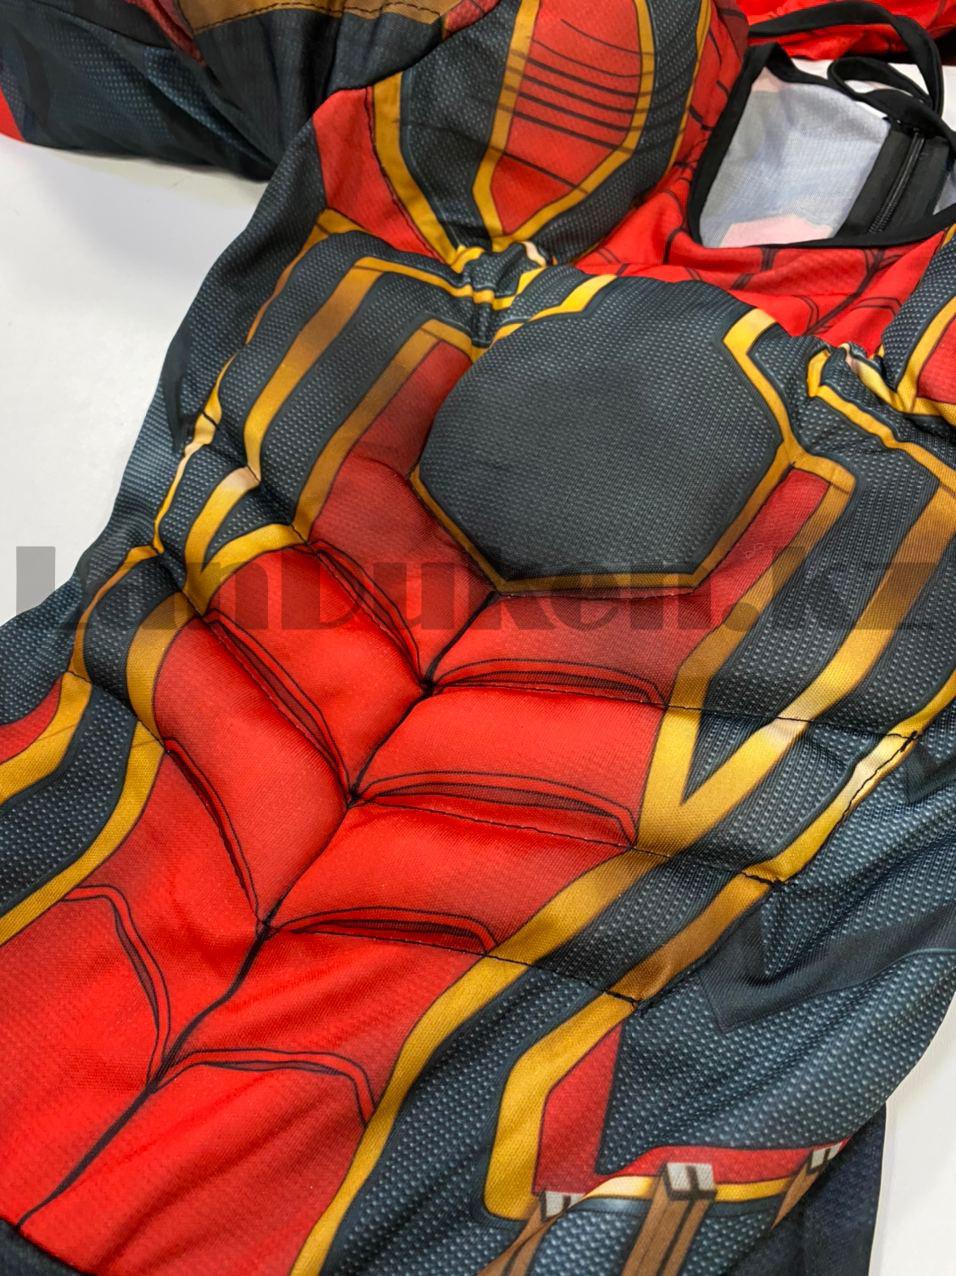 Костюм детский карнавальный цельный для мальчиков Человек Паук с мускулами - фото 4